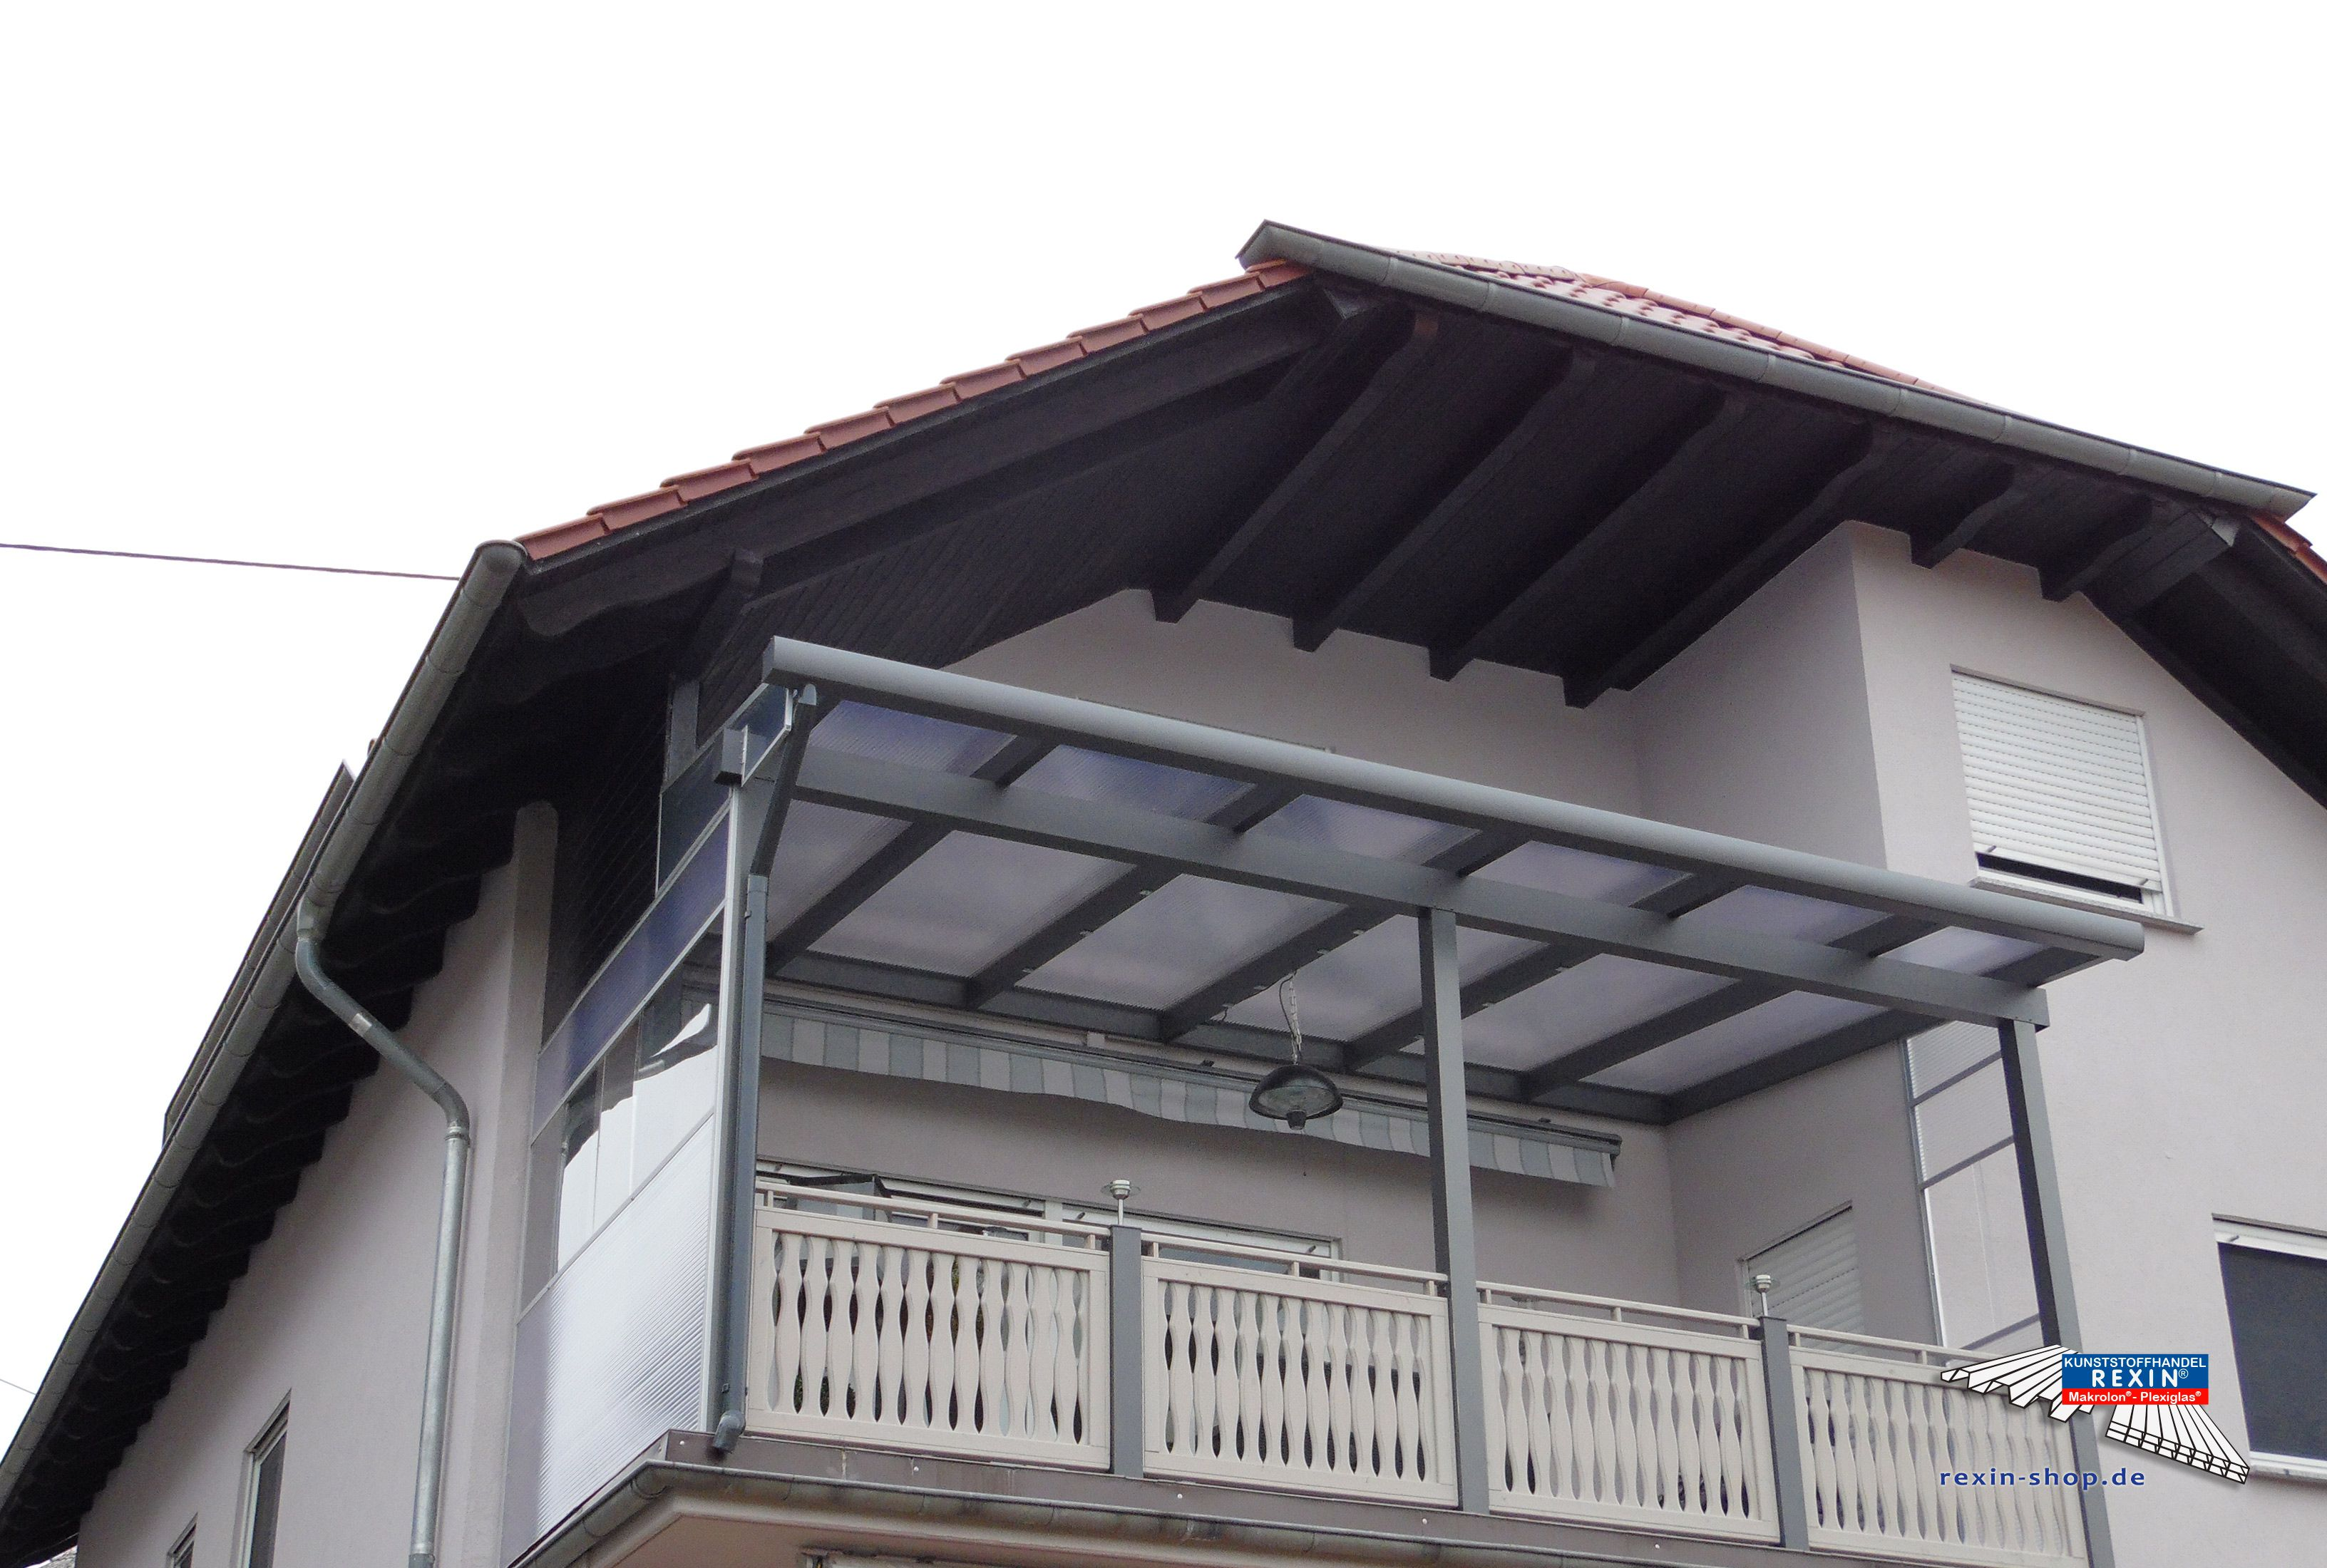 Ein Alu Terrassendach Der Marke REXOclassic 5,79m X 3,5m In Anthrazit